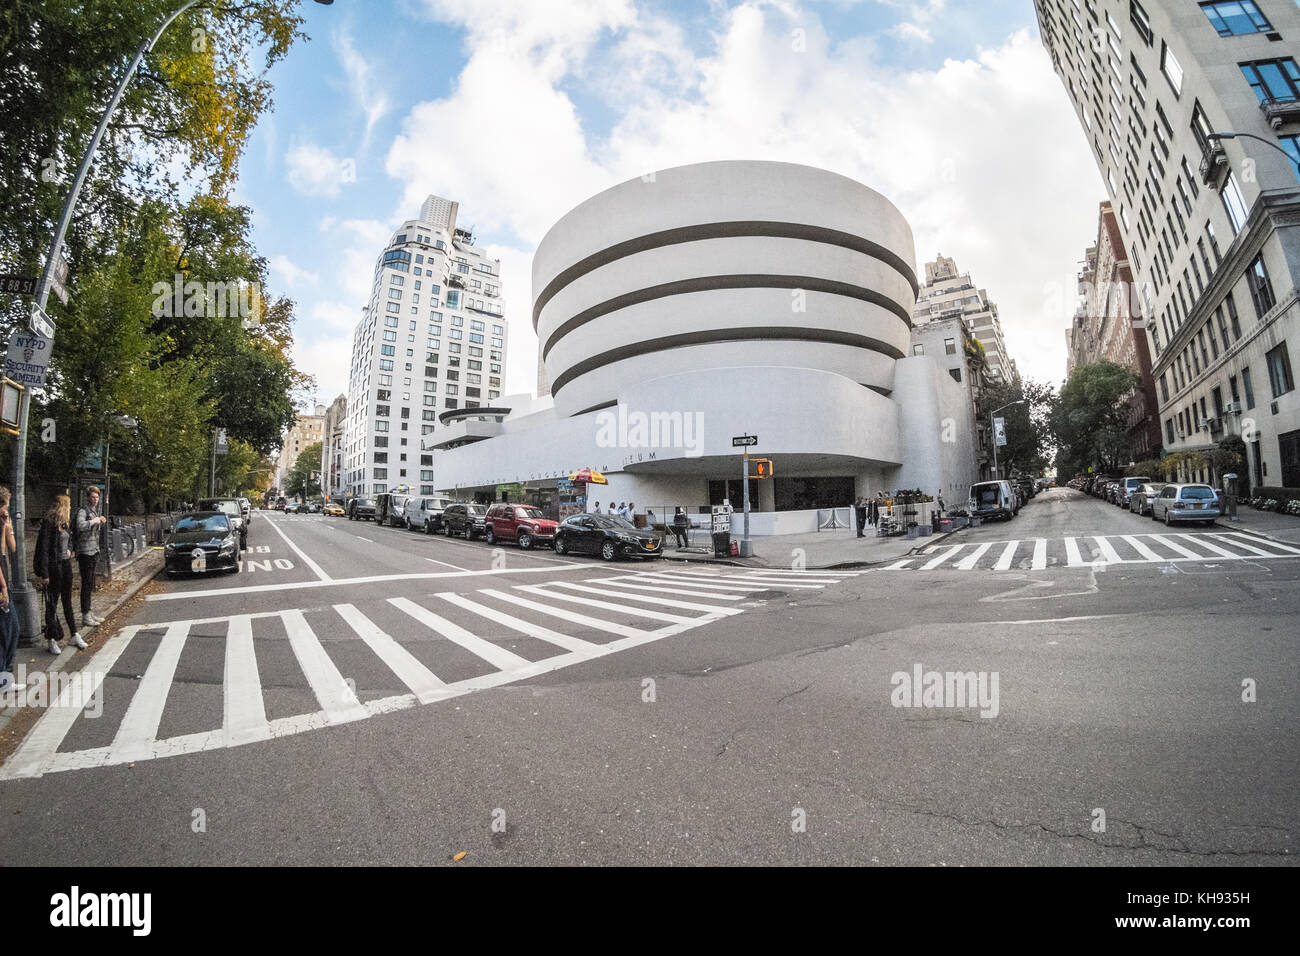 Salomon. r. Guggenheim Museum, 5e avenue, Manhattan, New York, NY, États-Unis d'Amérique. aux États Photo Stock